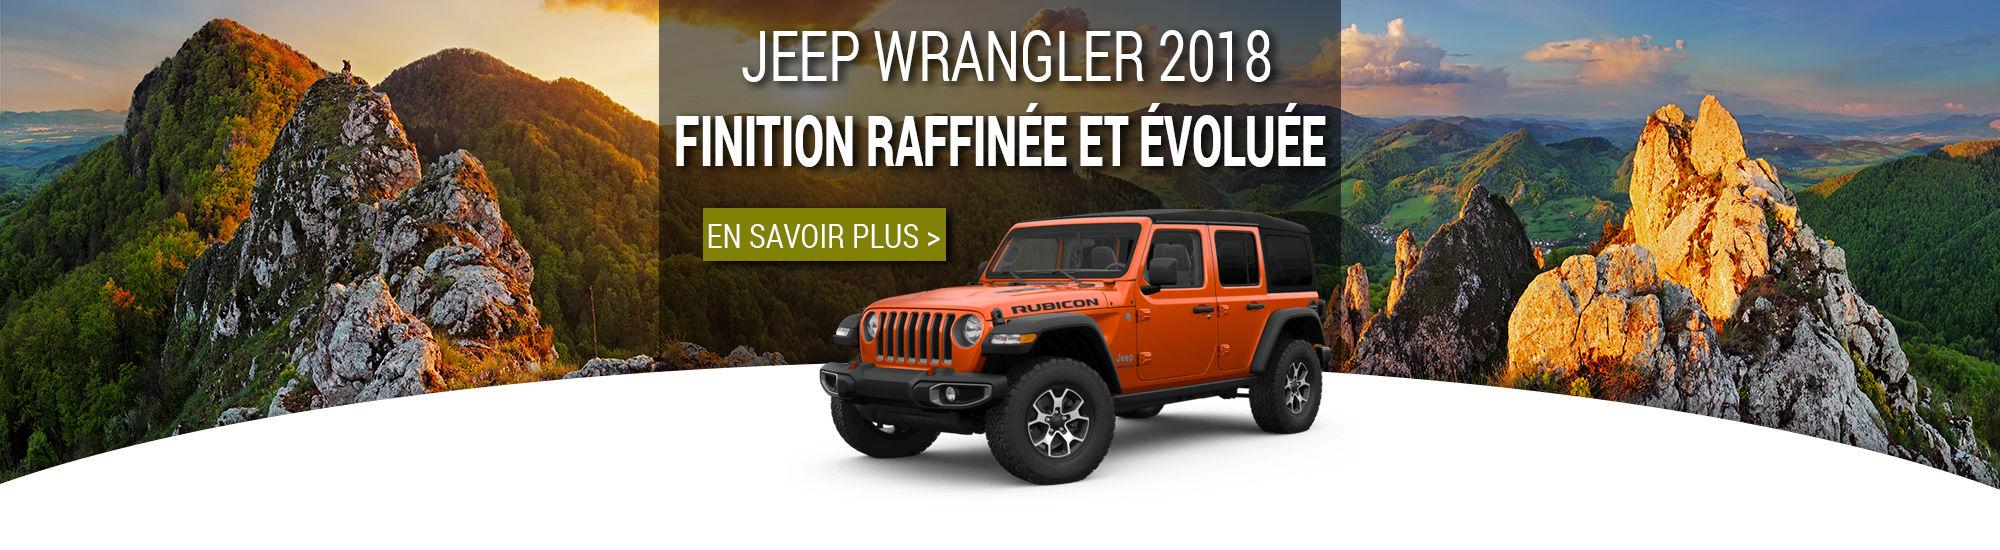 WRANGLER 2018